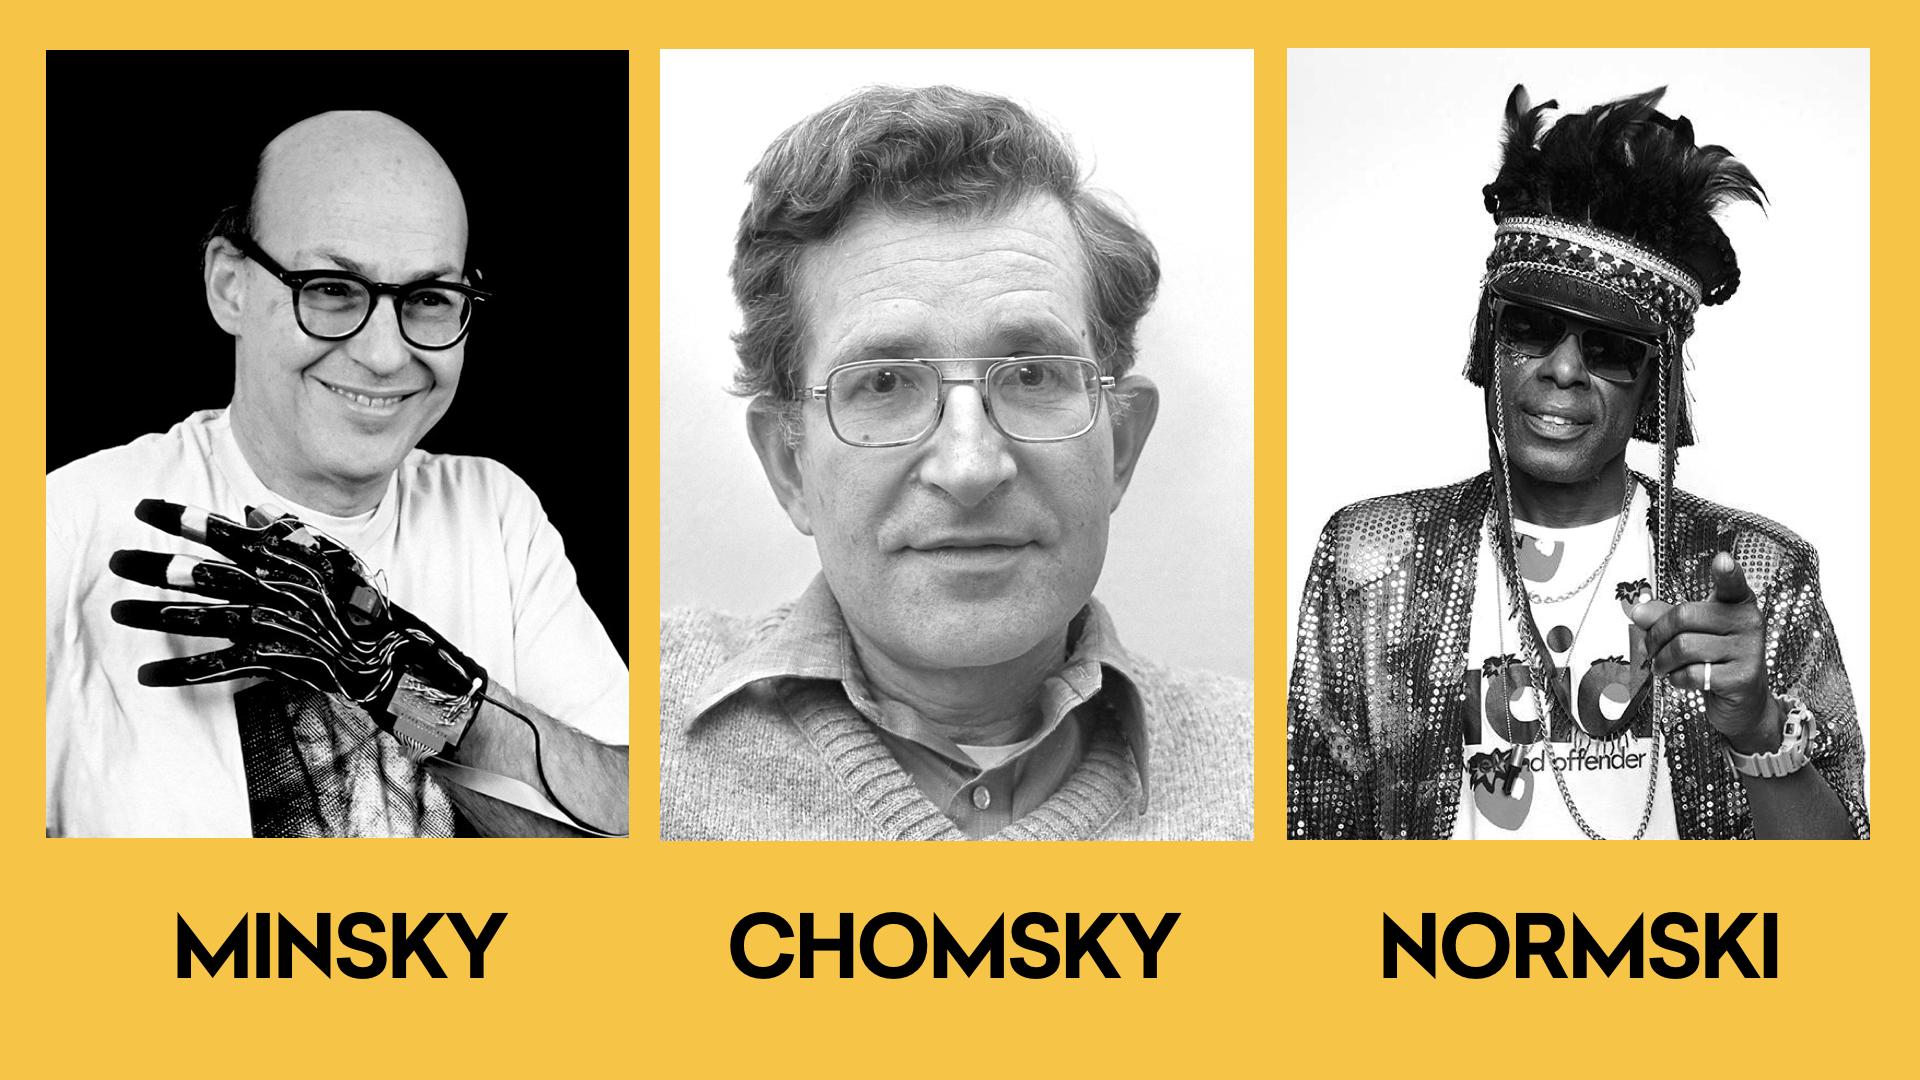 Minsky, Chomsky, Normski